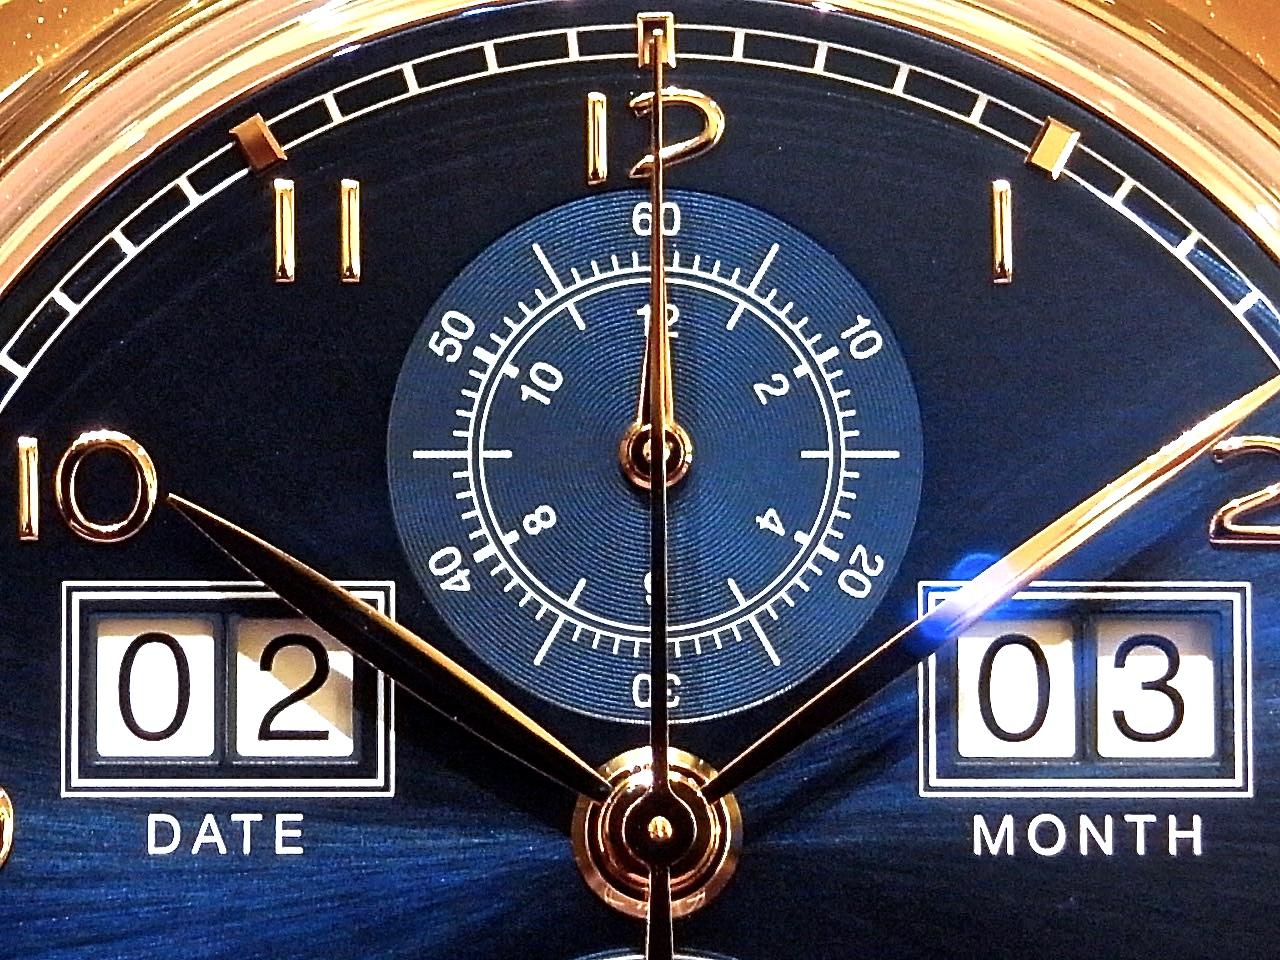 """IWC世界限定250本、デジタル表示を採用した「ポルトギーゼ・パーペチュアル・カレンダー・デジタル・ デイト/マンス""""75TH アニバーサリー""""」がご覧頂けます。"""